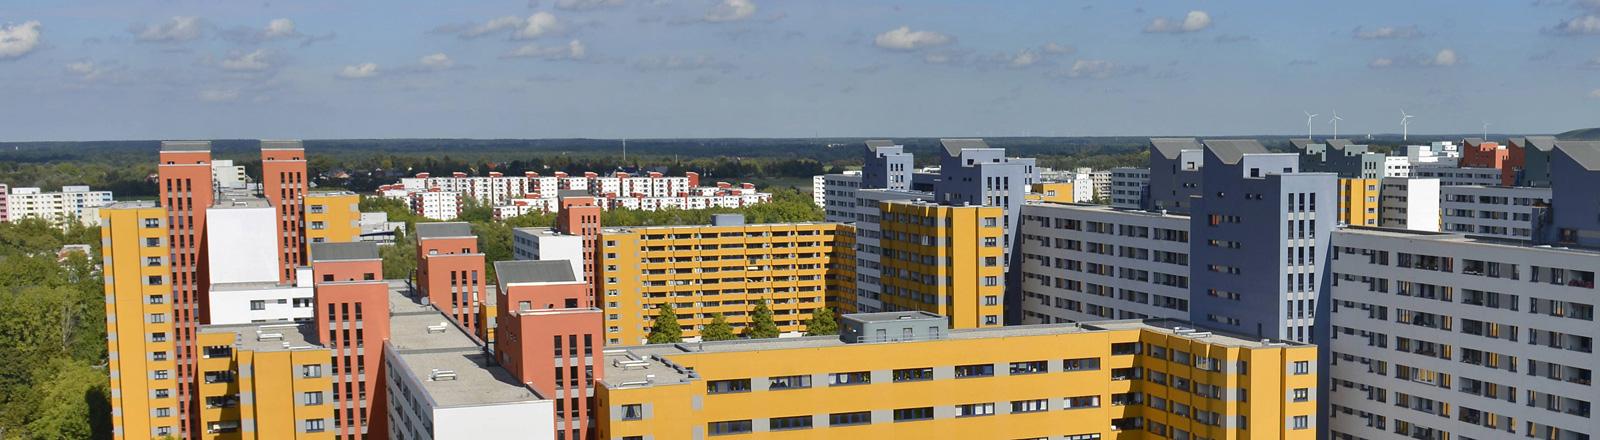 Blick auf Hochhäuser im Märkischen Viertel in Berlin.